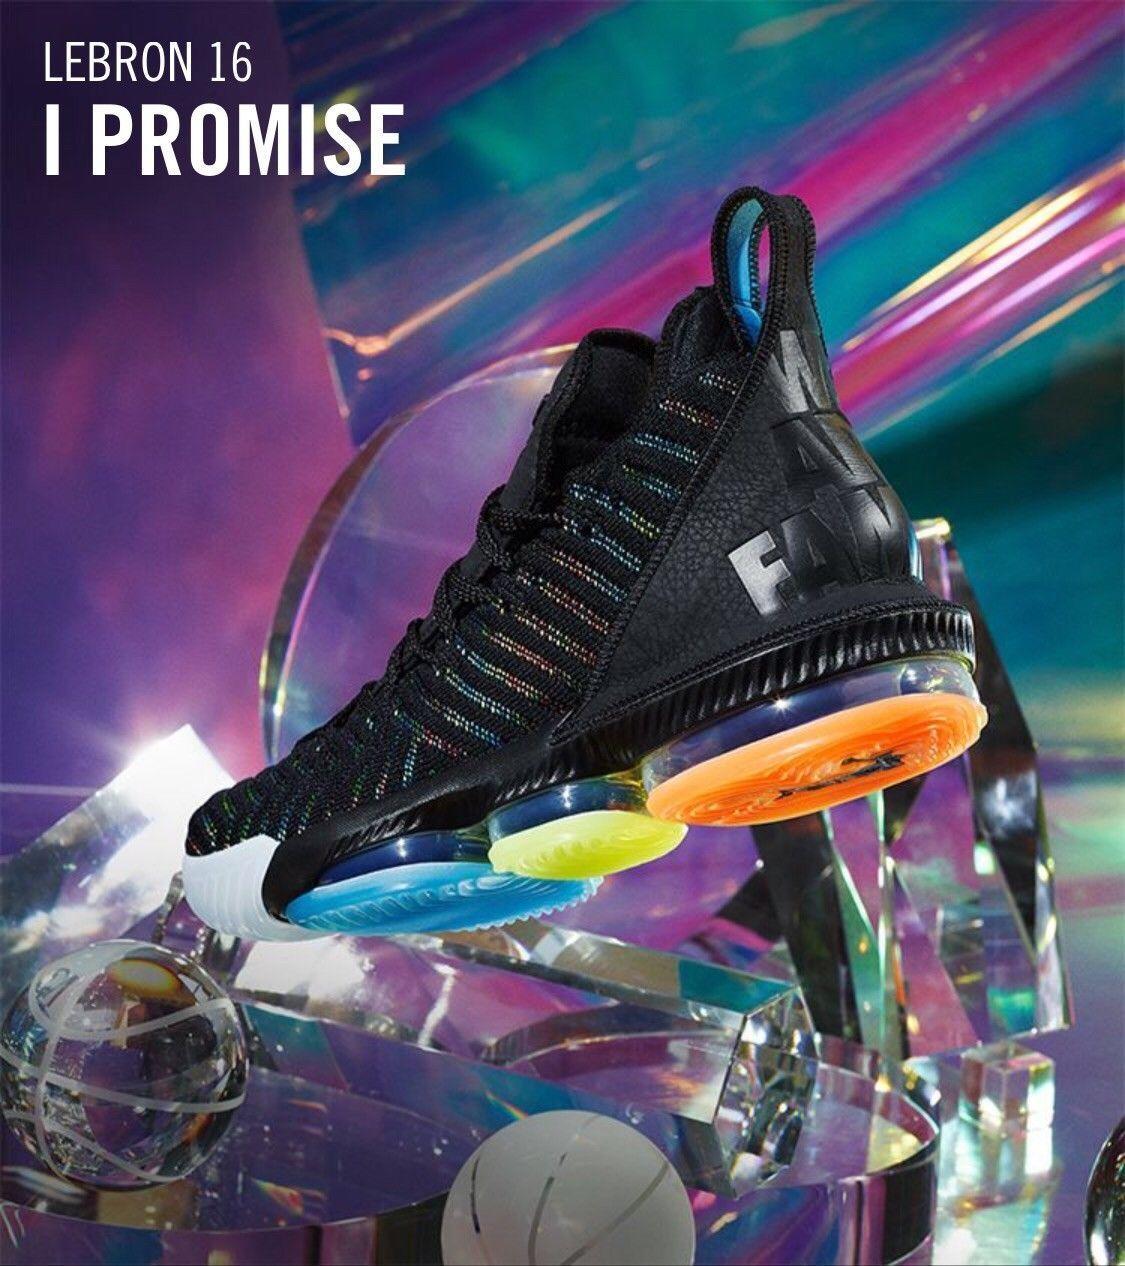 Nike Air LeBron 16 I Promise We Are Family Size SZ 14 15 XV XVI Jordan Lakers